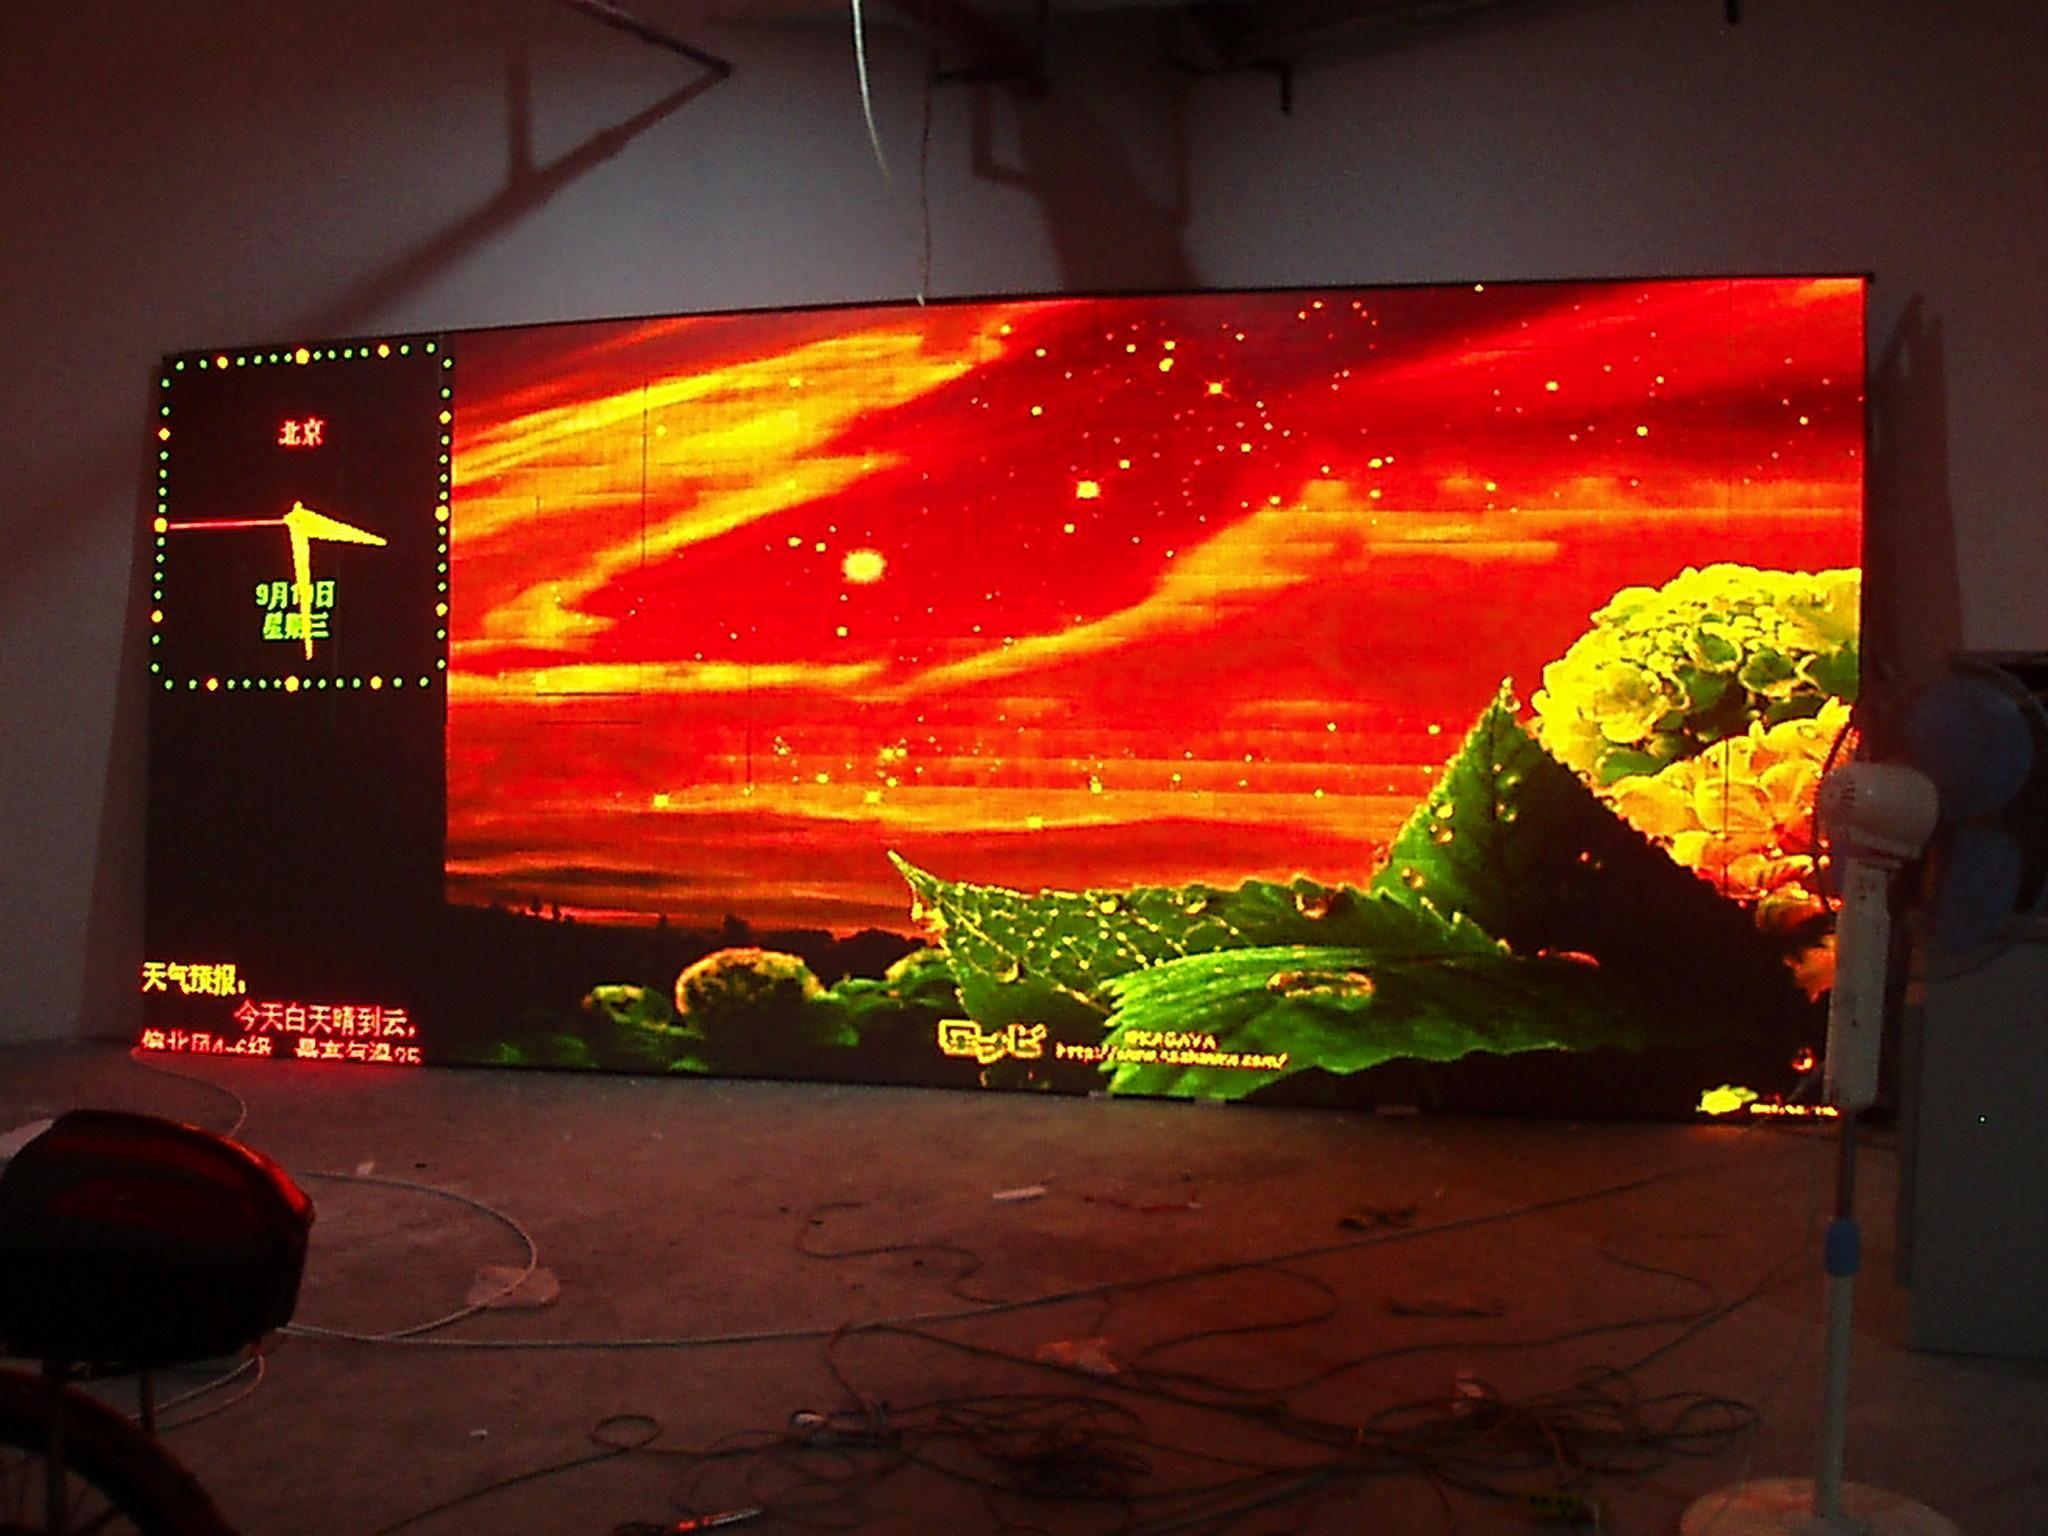 led电子显示屏_co土木在线